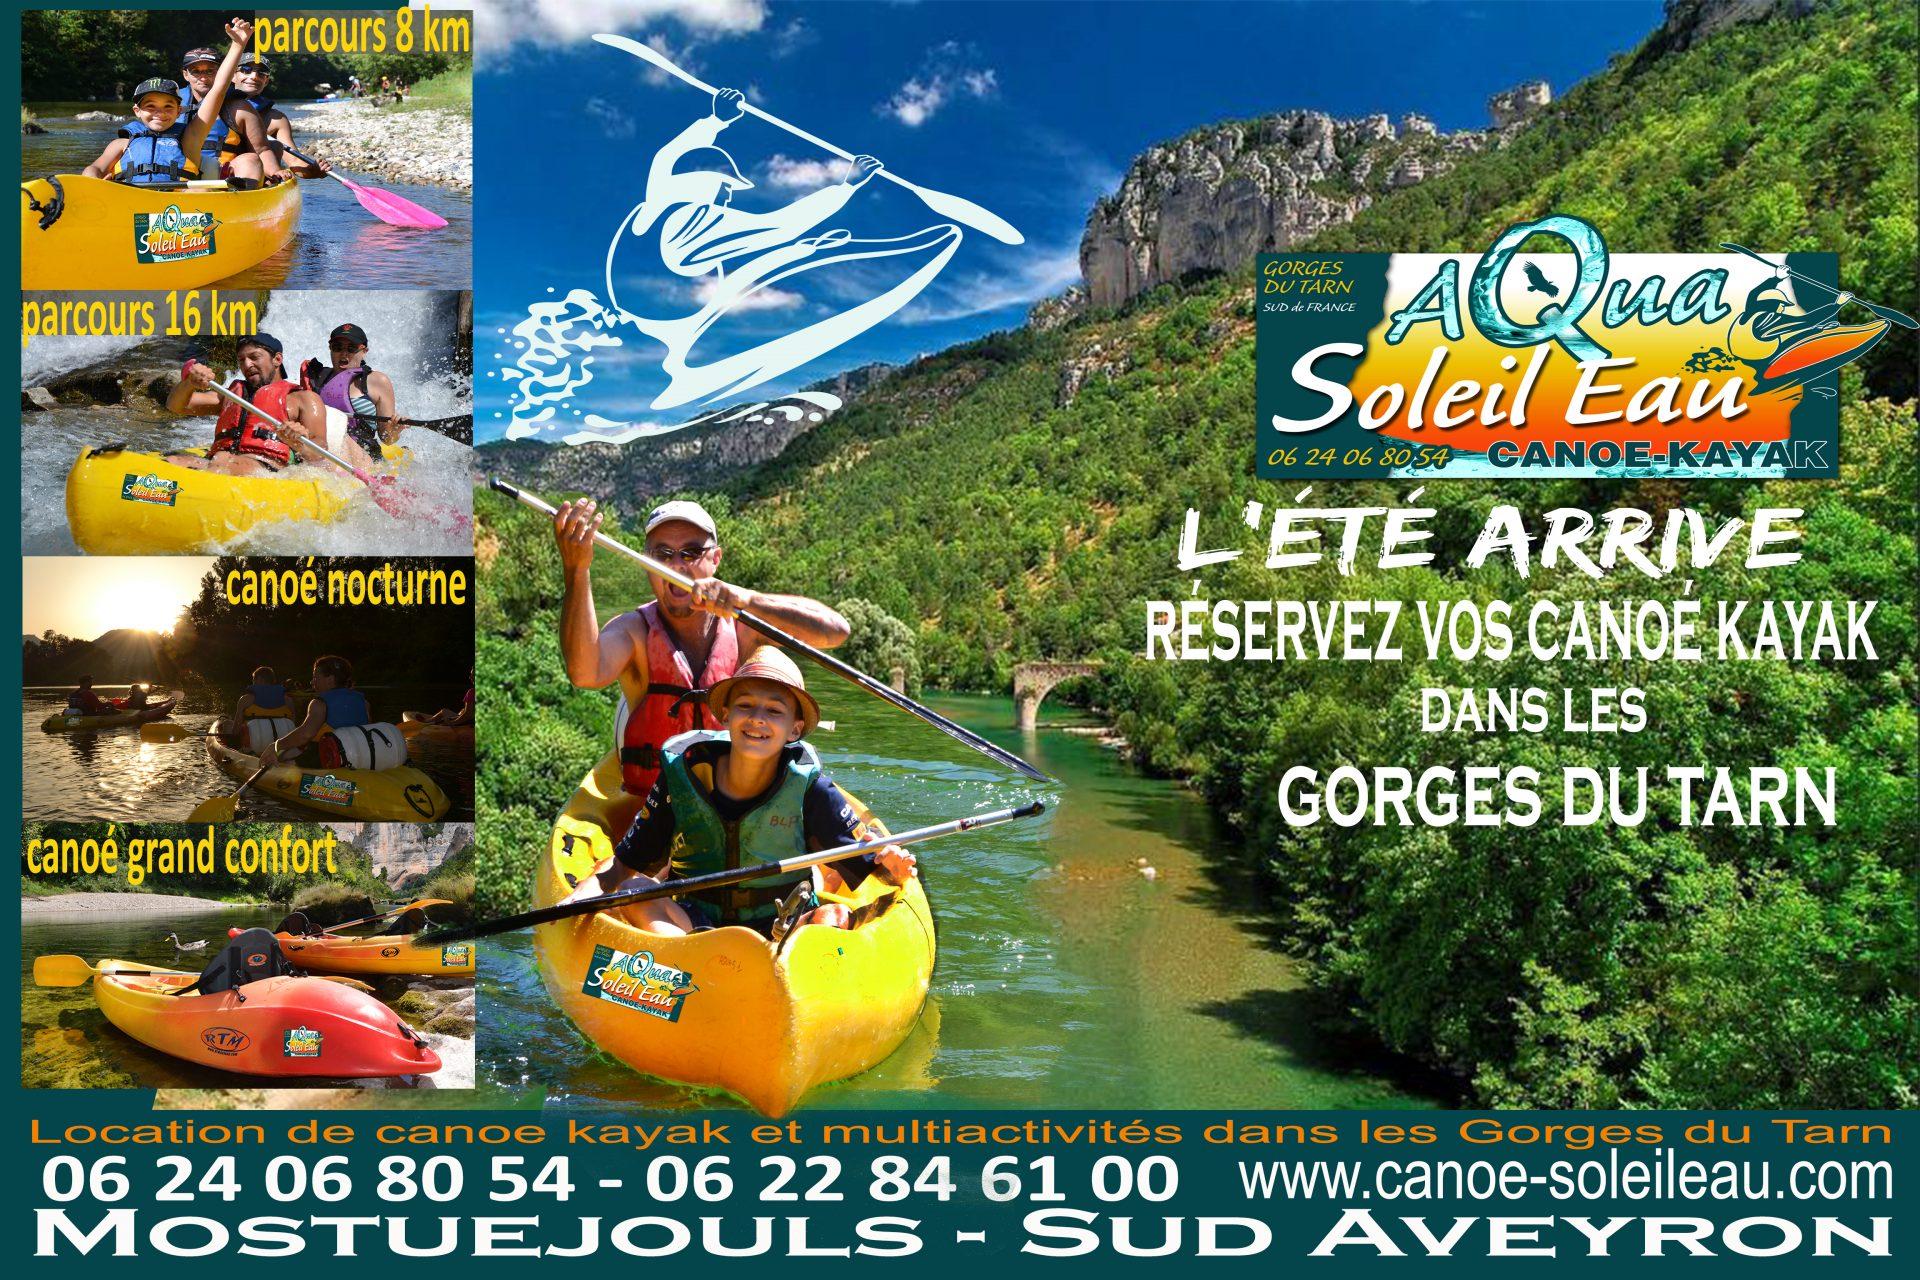 Vacances d'été en Aveyron Lozère et location canoé kayak Gorges du Tarn etcanoë nocturne et parcours 8 et 16 km, canoé en famille en couple ou en duo